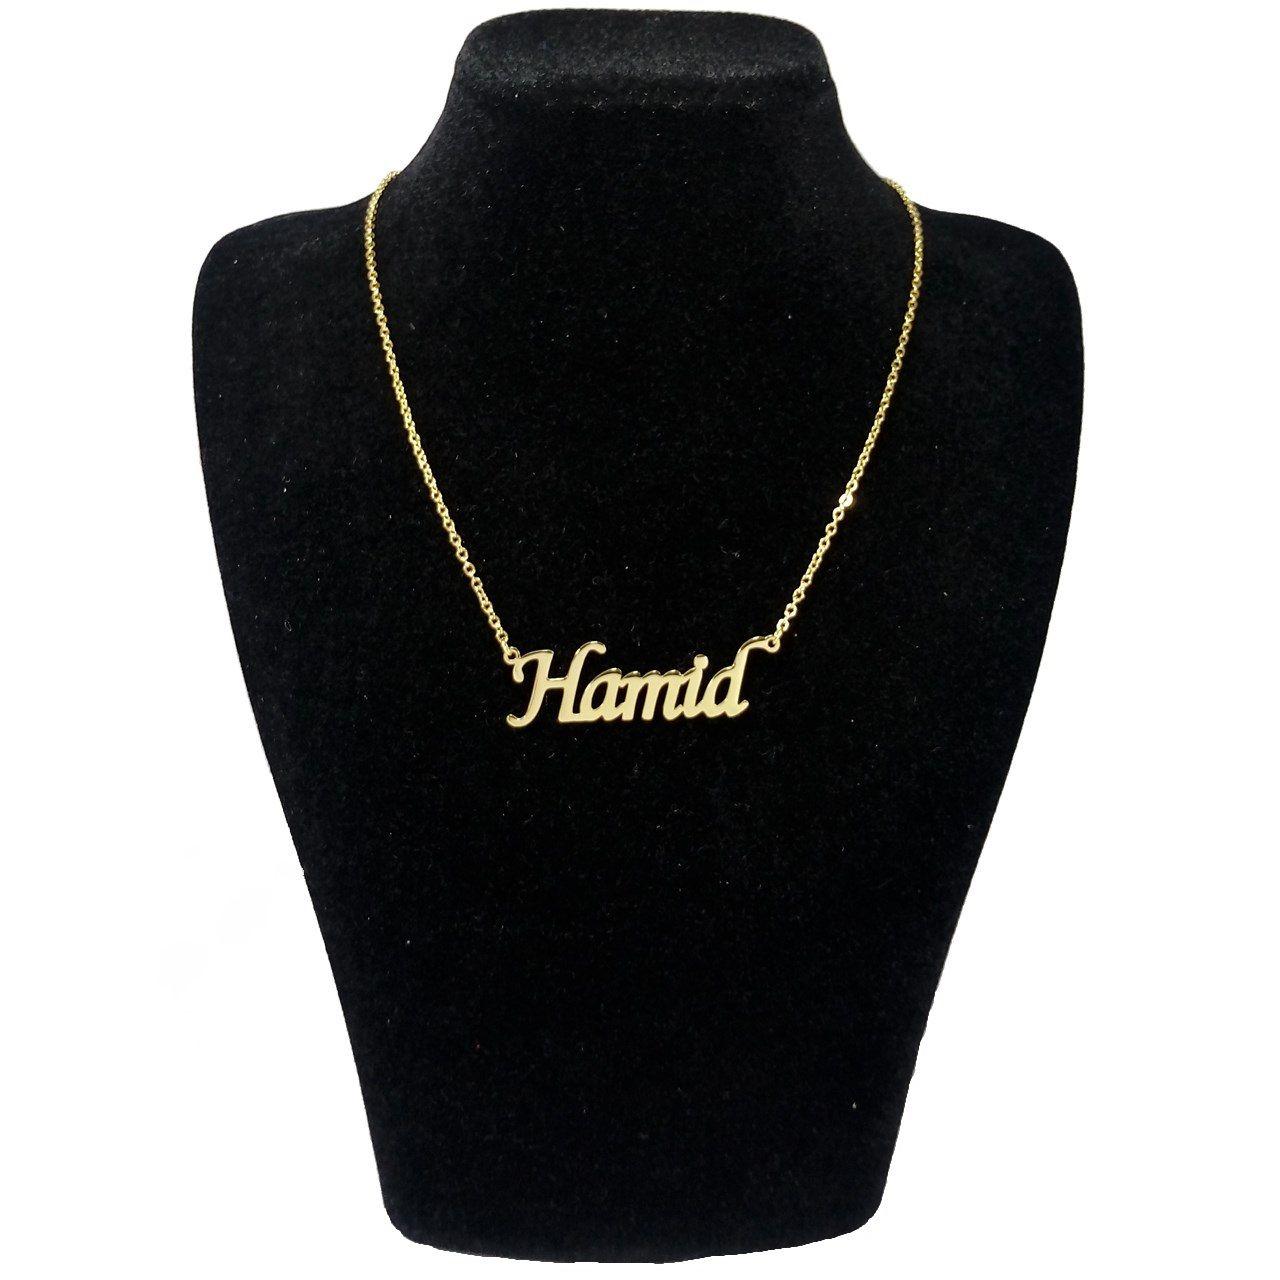 گردنبند زنانه طرح حمید کد u489 -  - 3